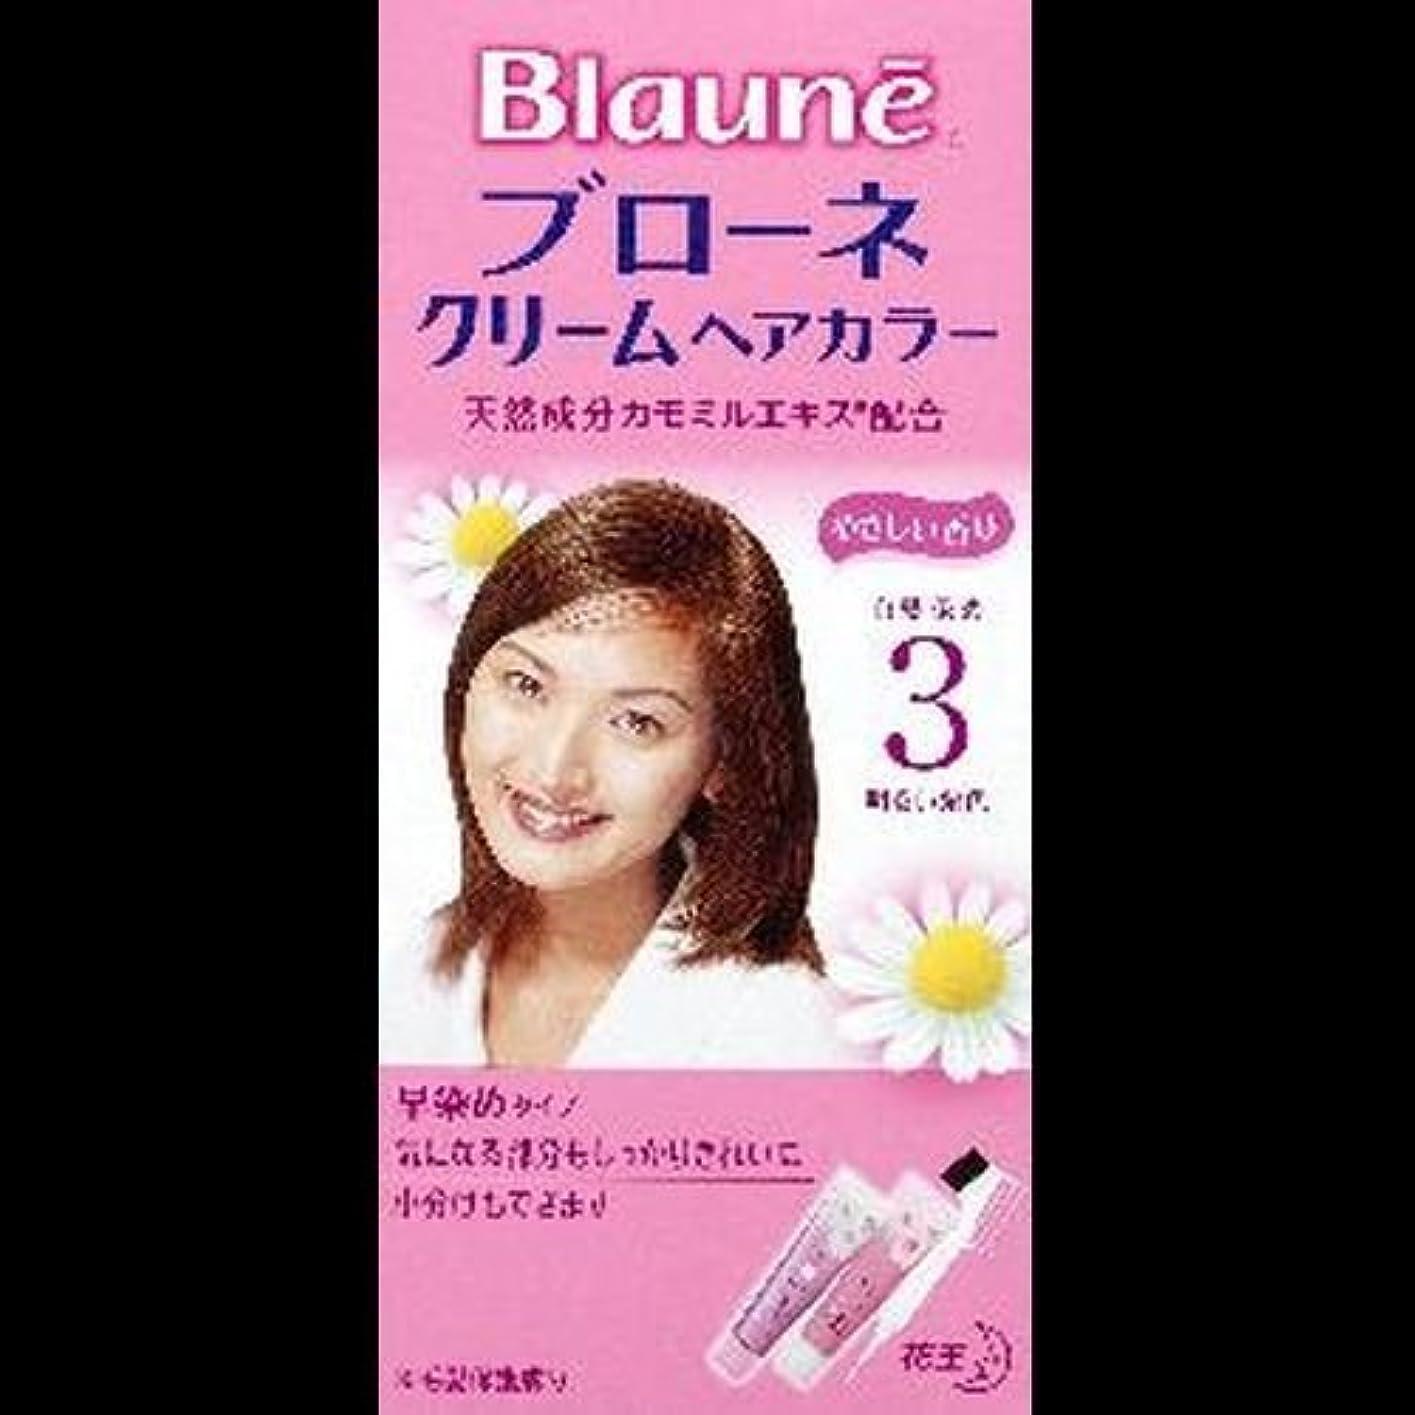 アナリスト略奪専門知識【まとめ買い】ブローネクリームヘアカラー 3 明るい栗色 ×2セット